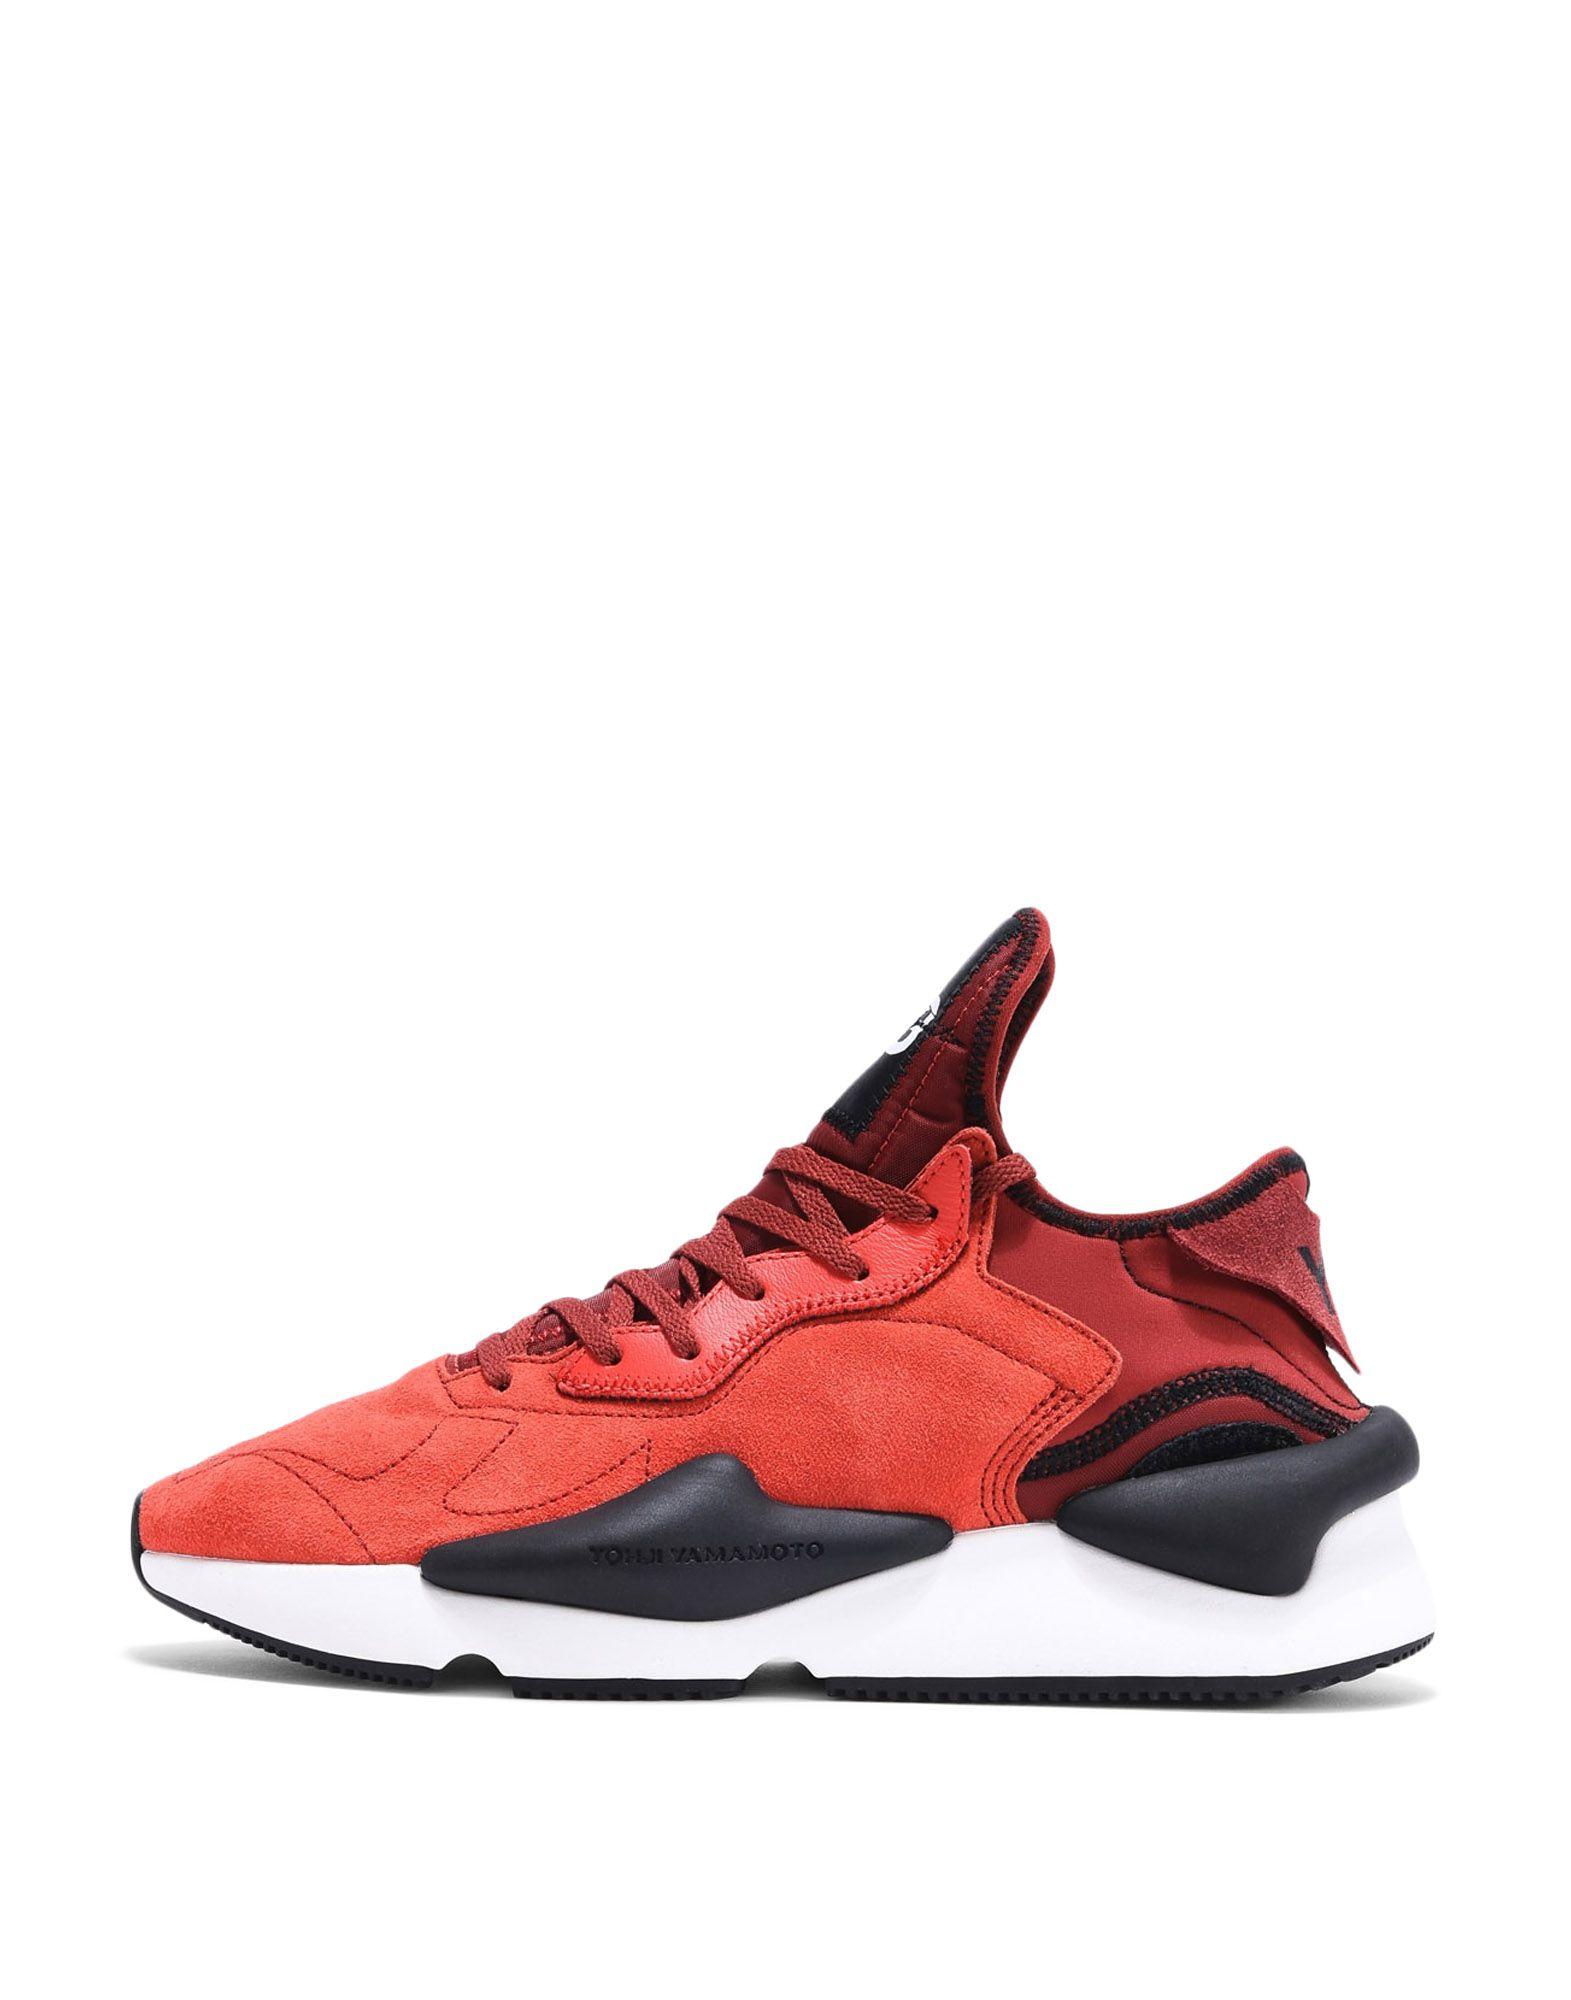 b55b1e745aa ... release date y 3 kaiwa shoes unisex y 3 adidas 6afdf 9b0ff